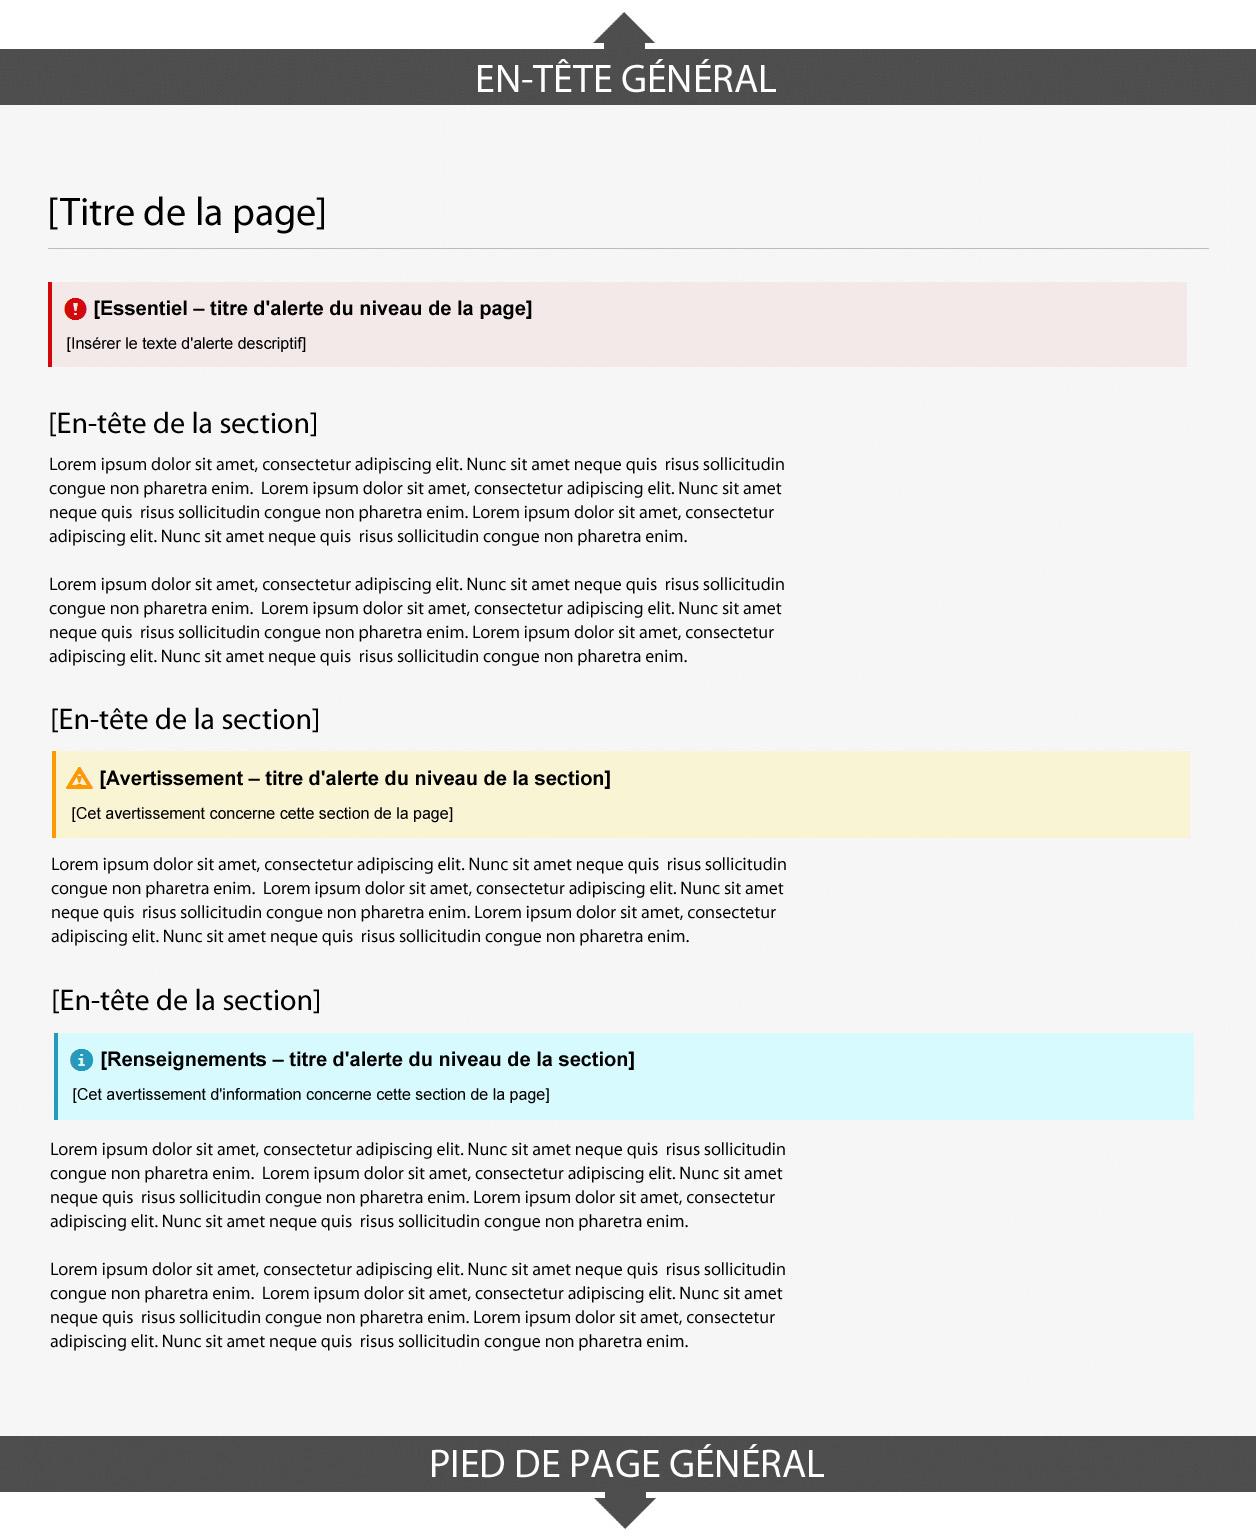 Capture d'écran illustrant le modèle des alertes contextuelles dans le site Canada.ca. Plus de détails au sujet de ce graphique se retrouvent dans le texte entourant l'image.